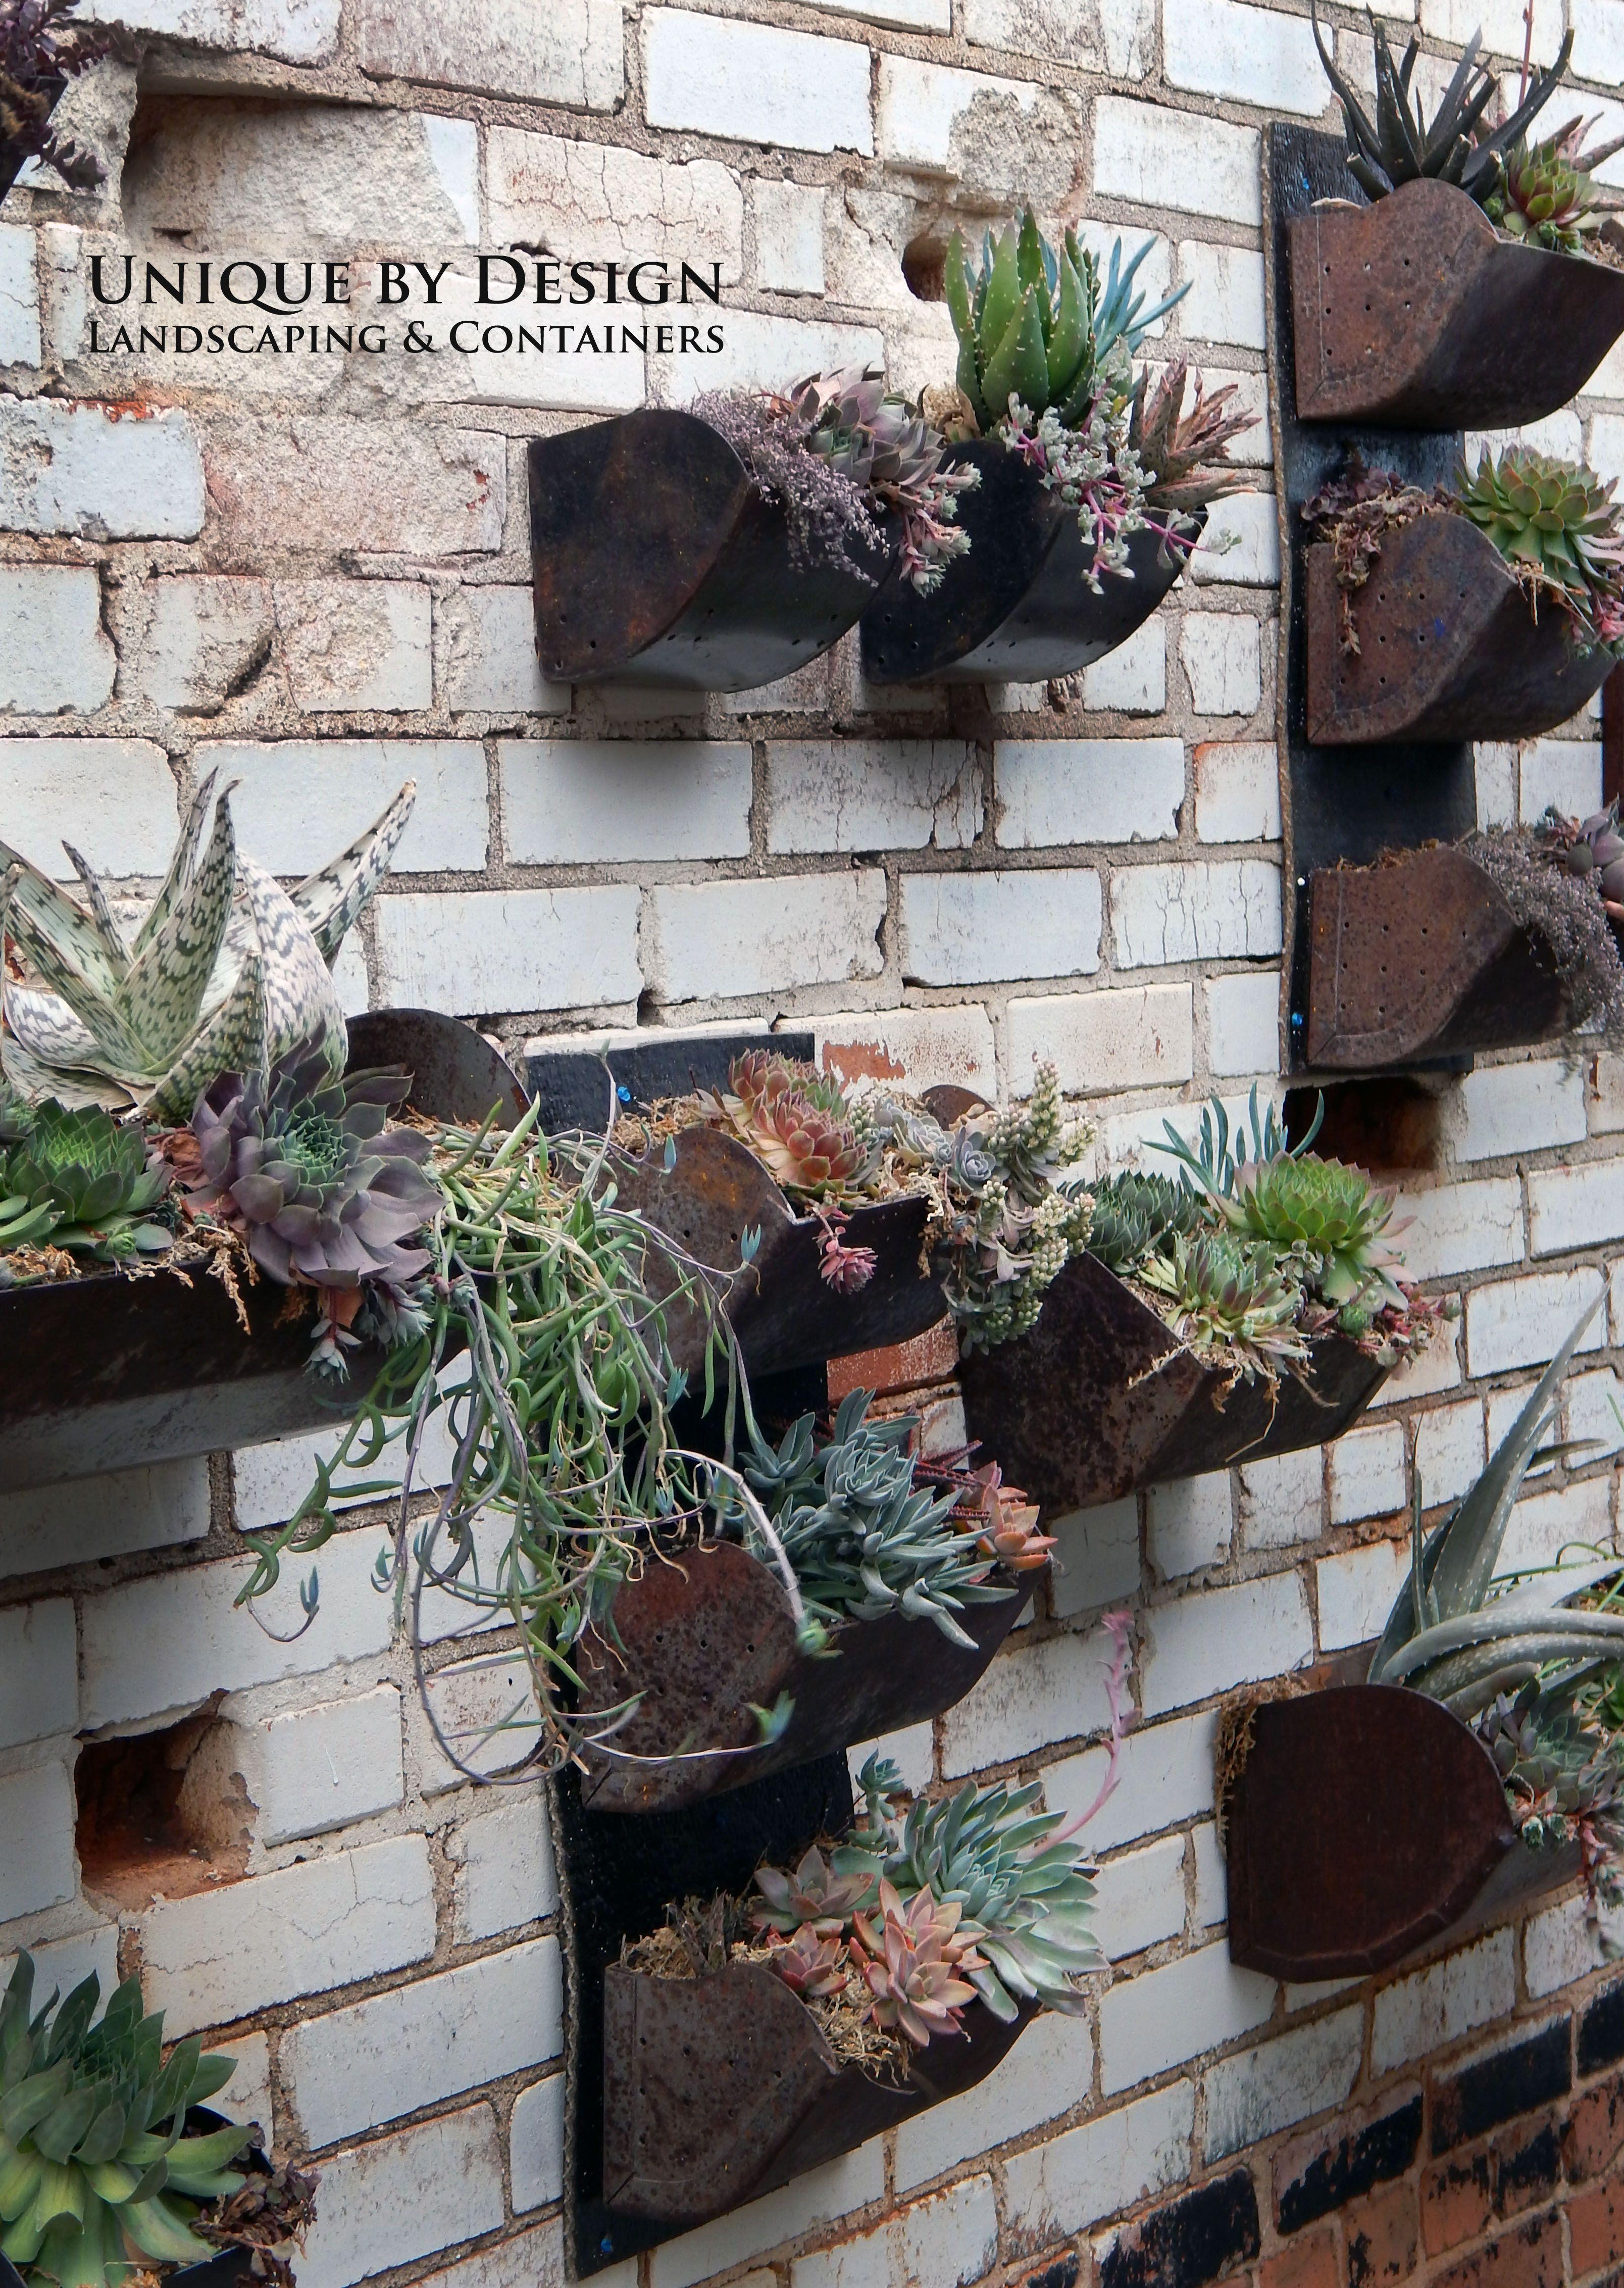 Living Succulent Wall L Rooftop Downtown Okc L Unique By